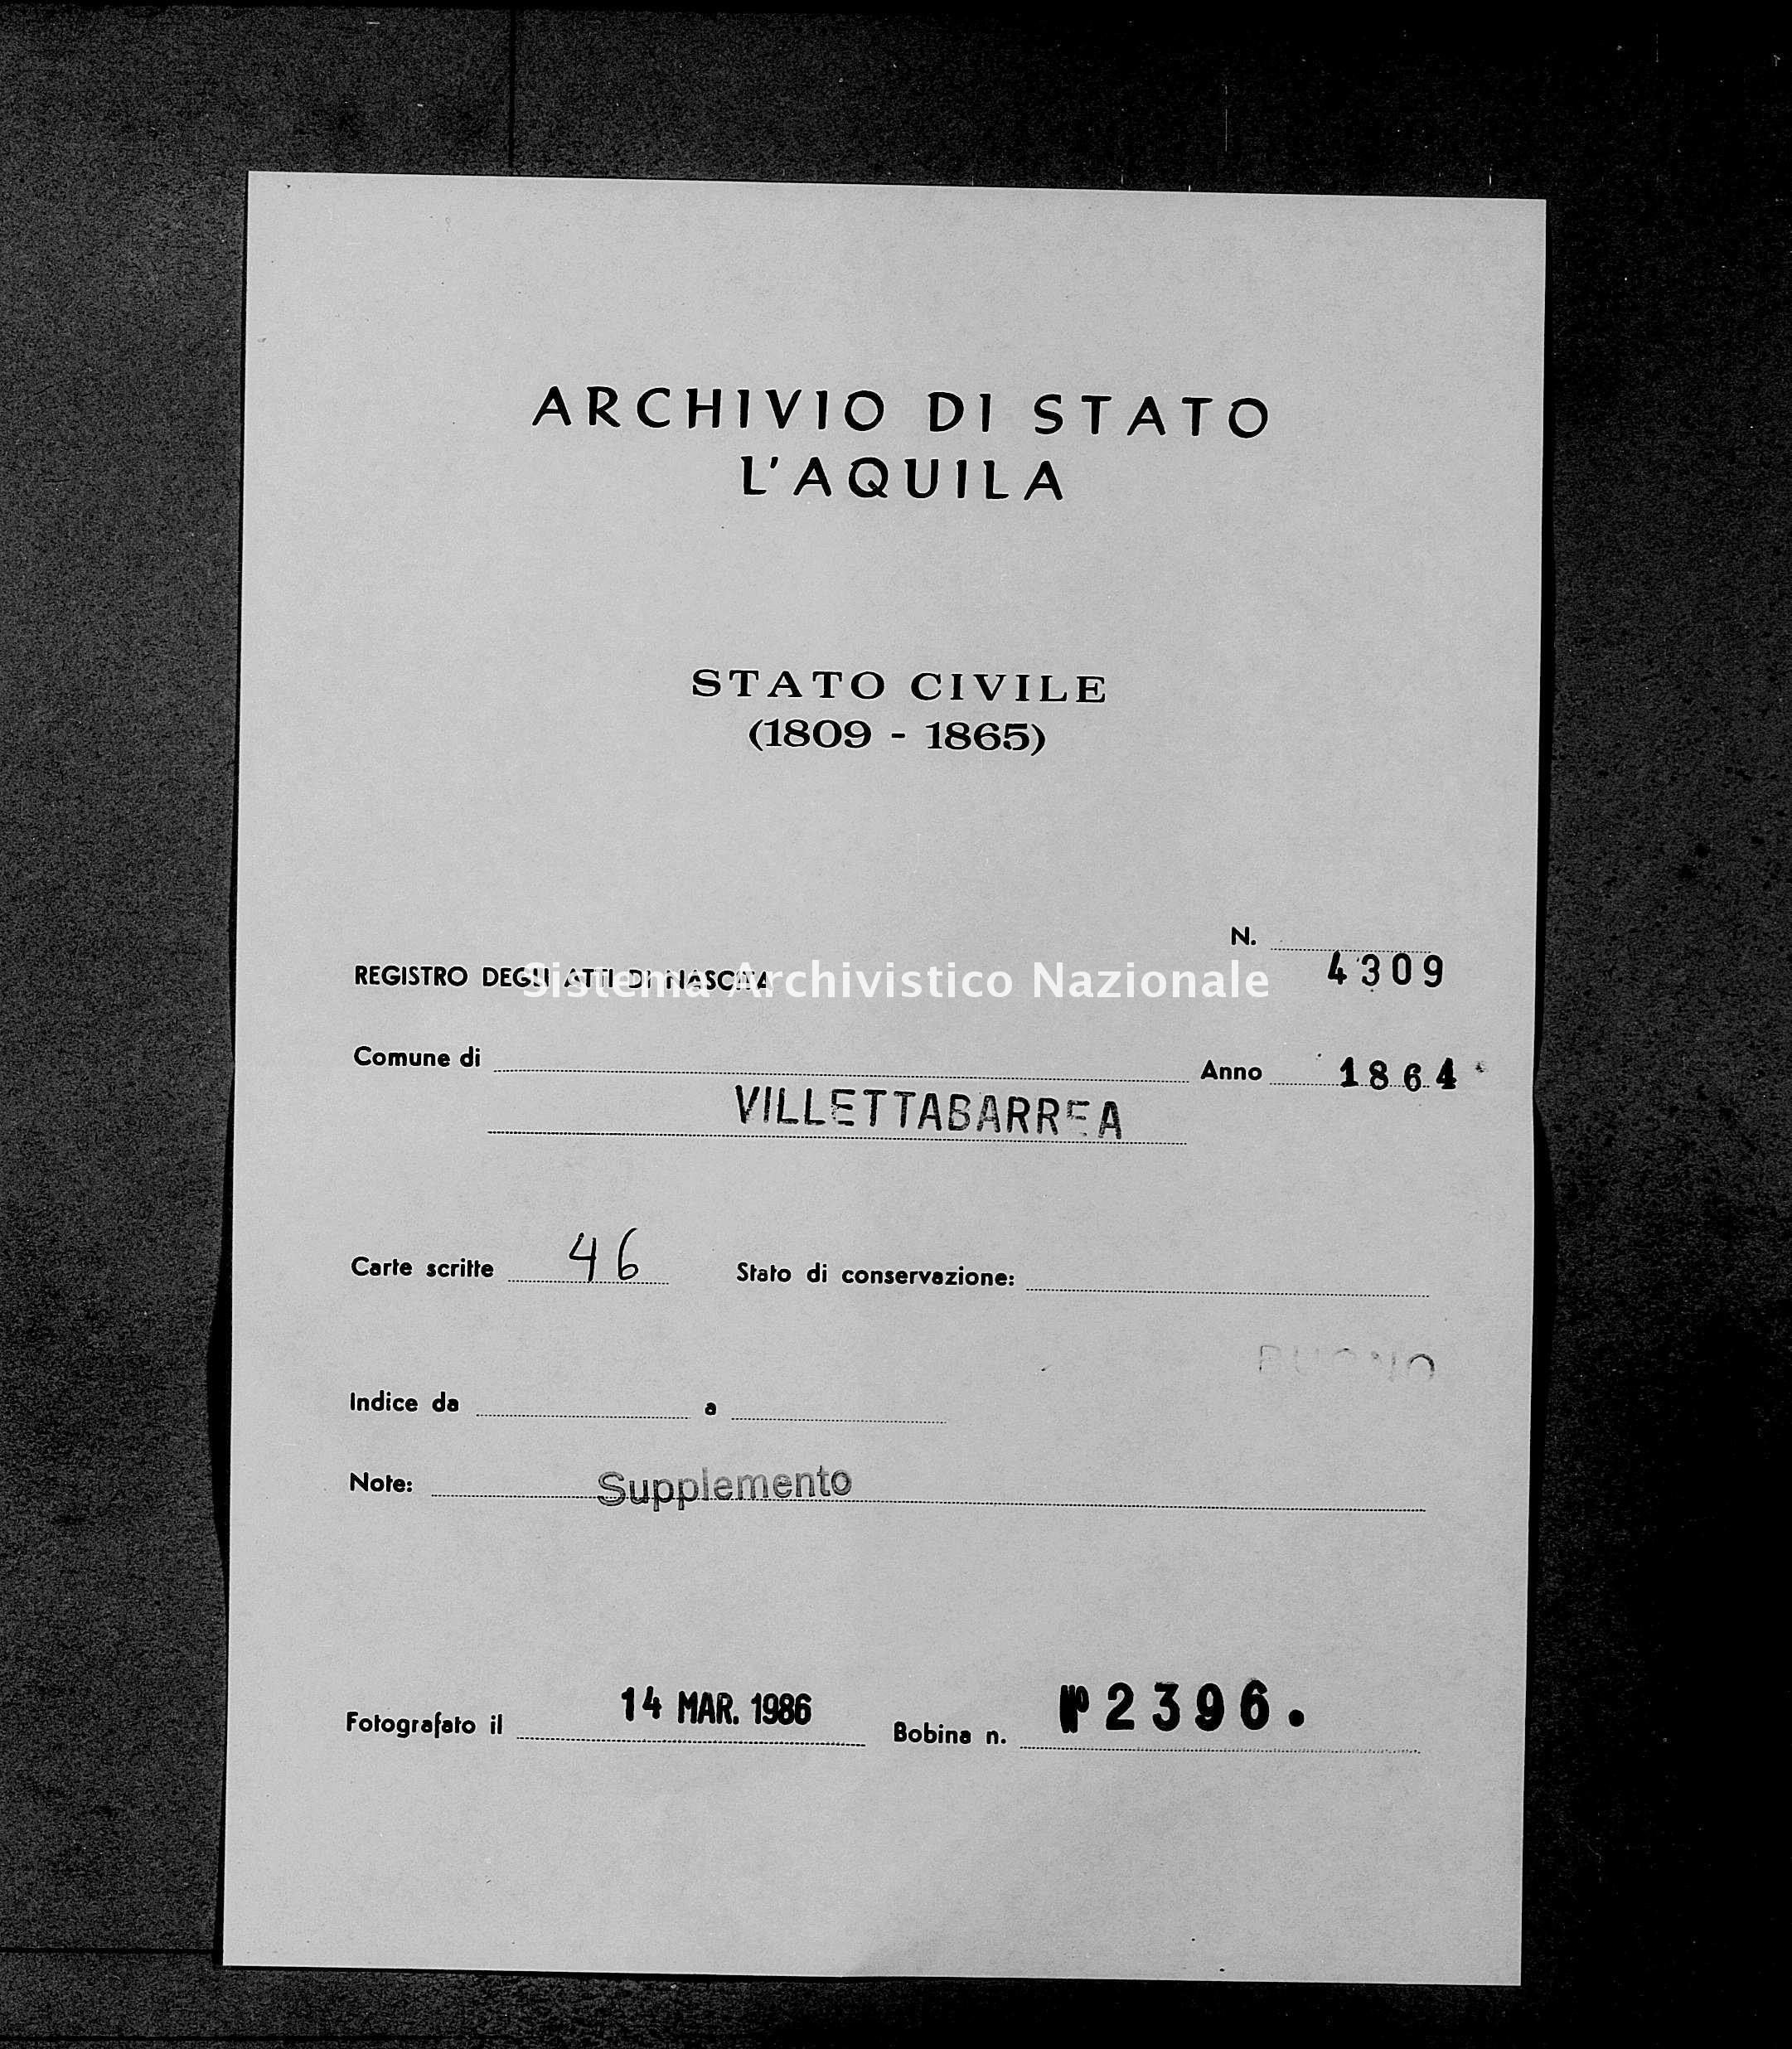 Archivio di stato di L'aquila - Stato civile italiano - Villetta Barrea - Nati, battesimi - 1864 - 4309 -